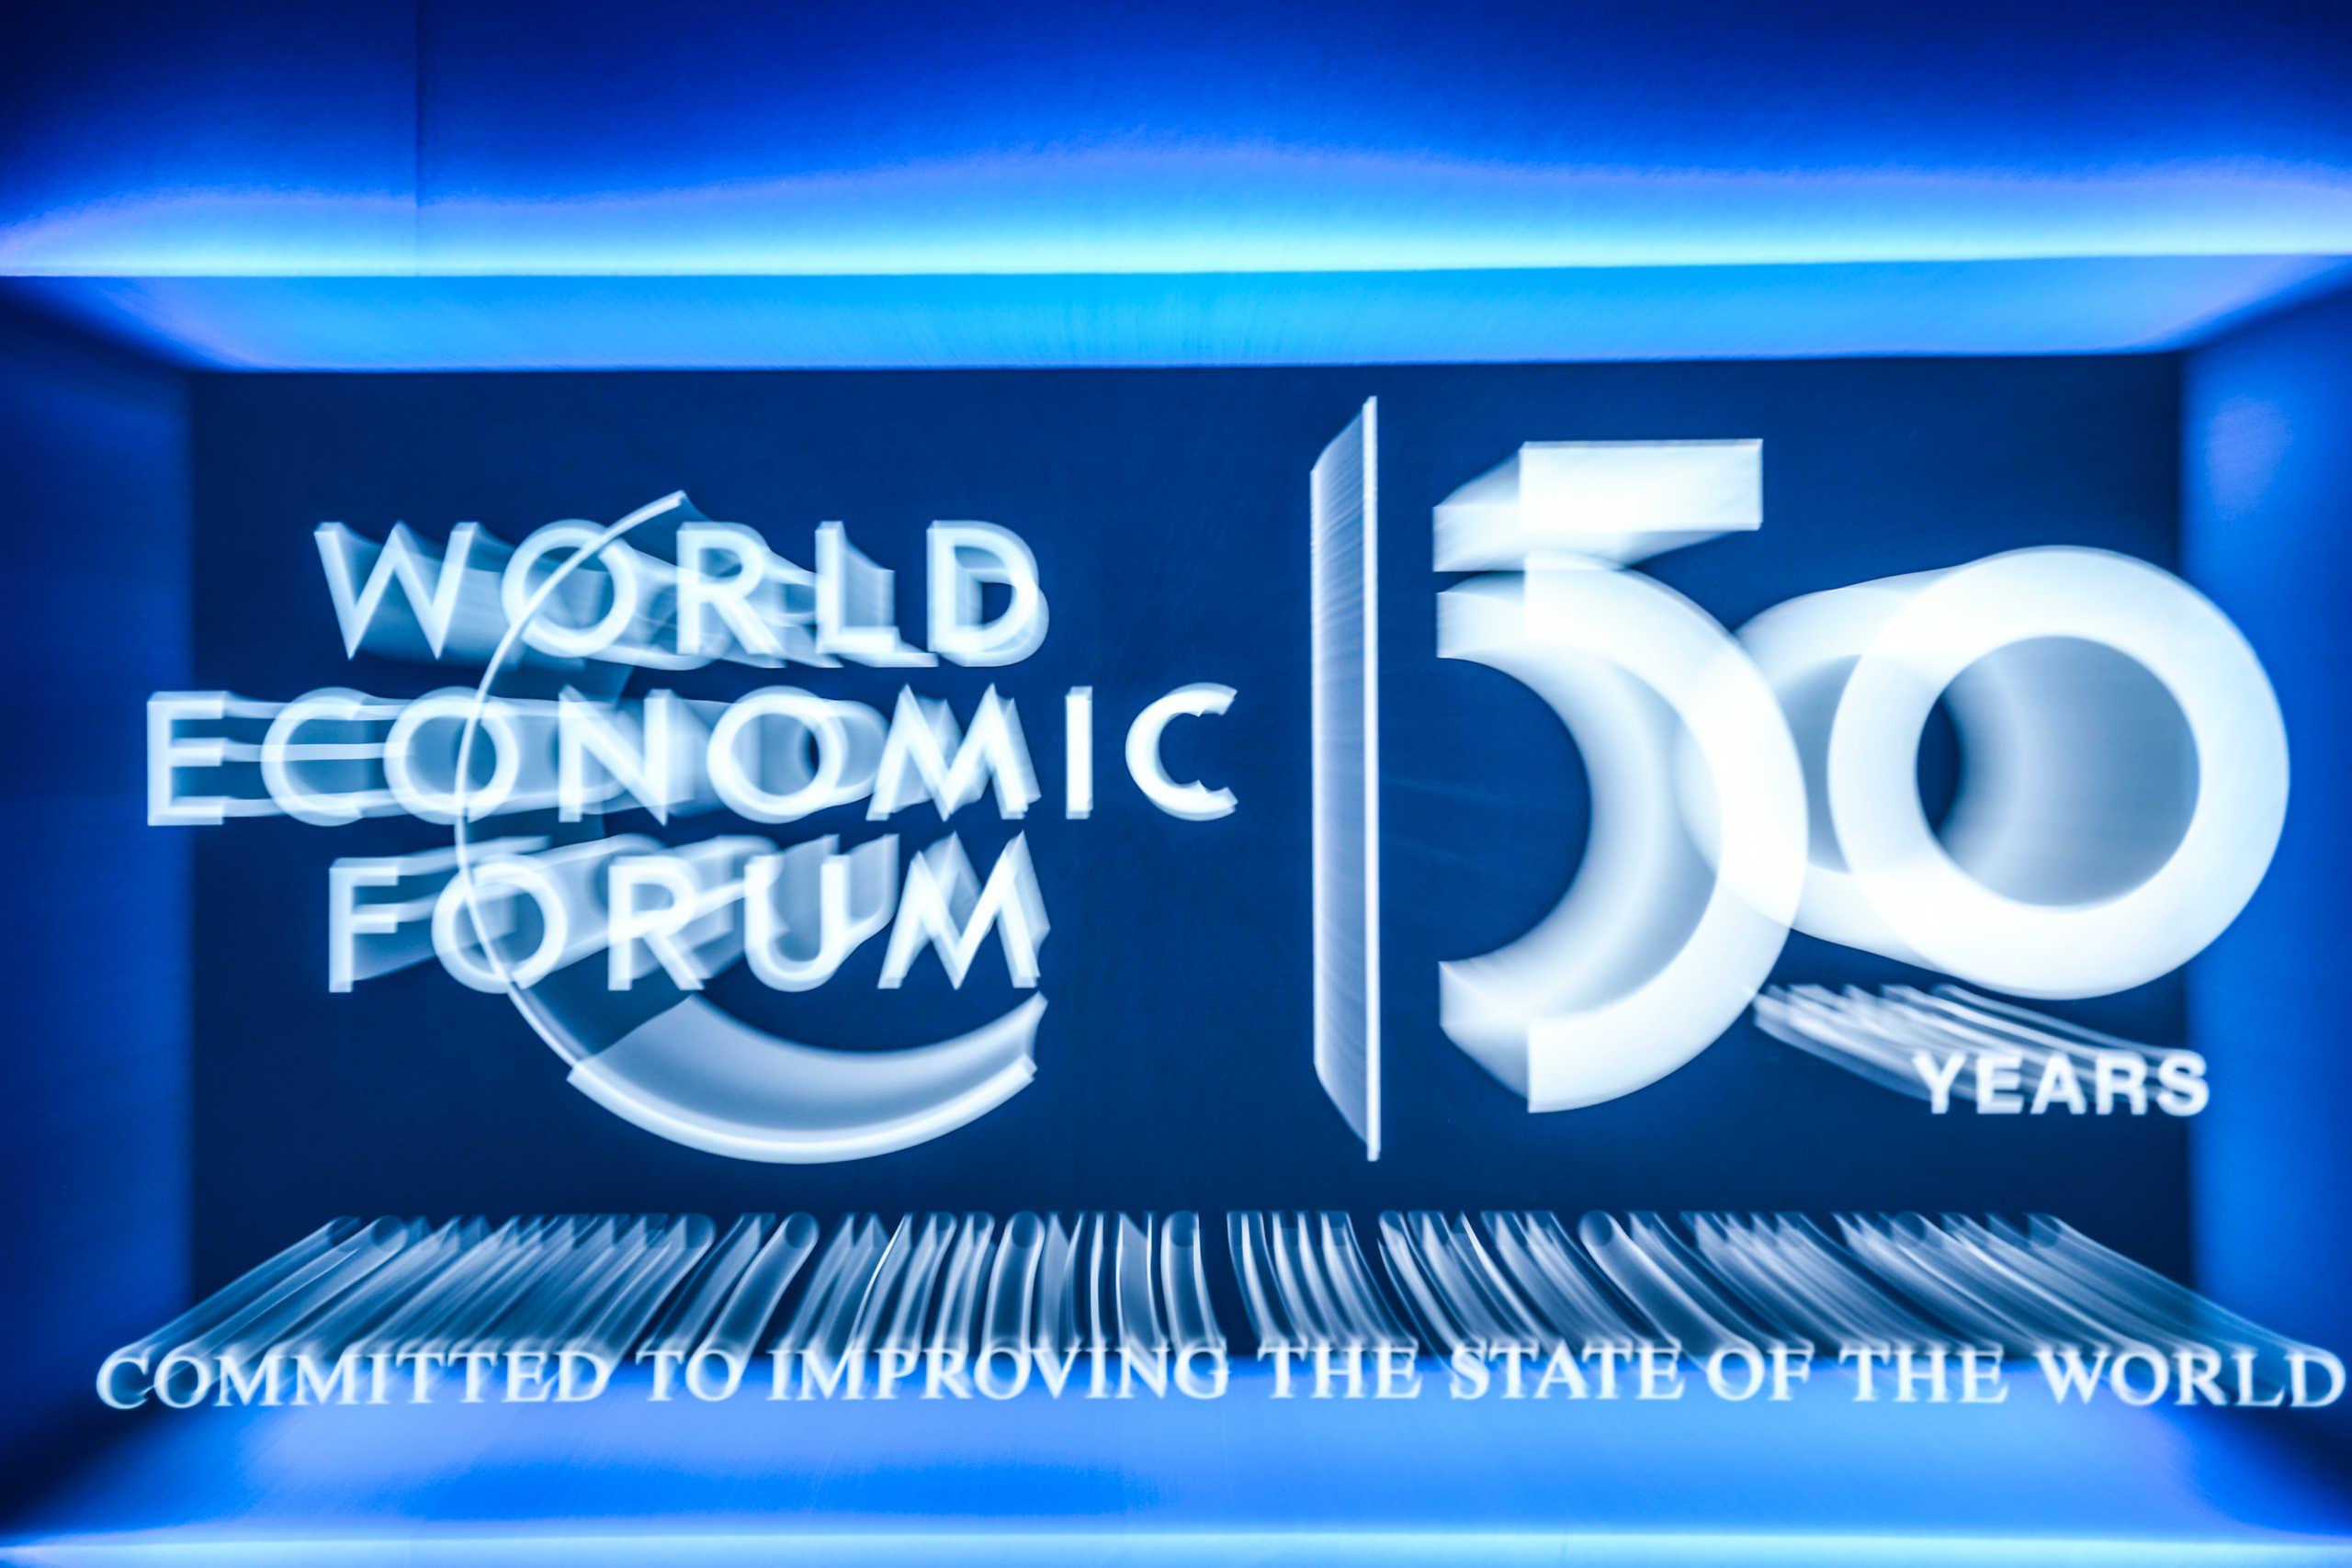 Ο κορονοϊός ακυρώνει και το Οικονομικό Φόρουμ του Νταβός – Πότε θα διεξαχθεί